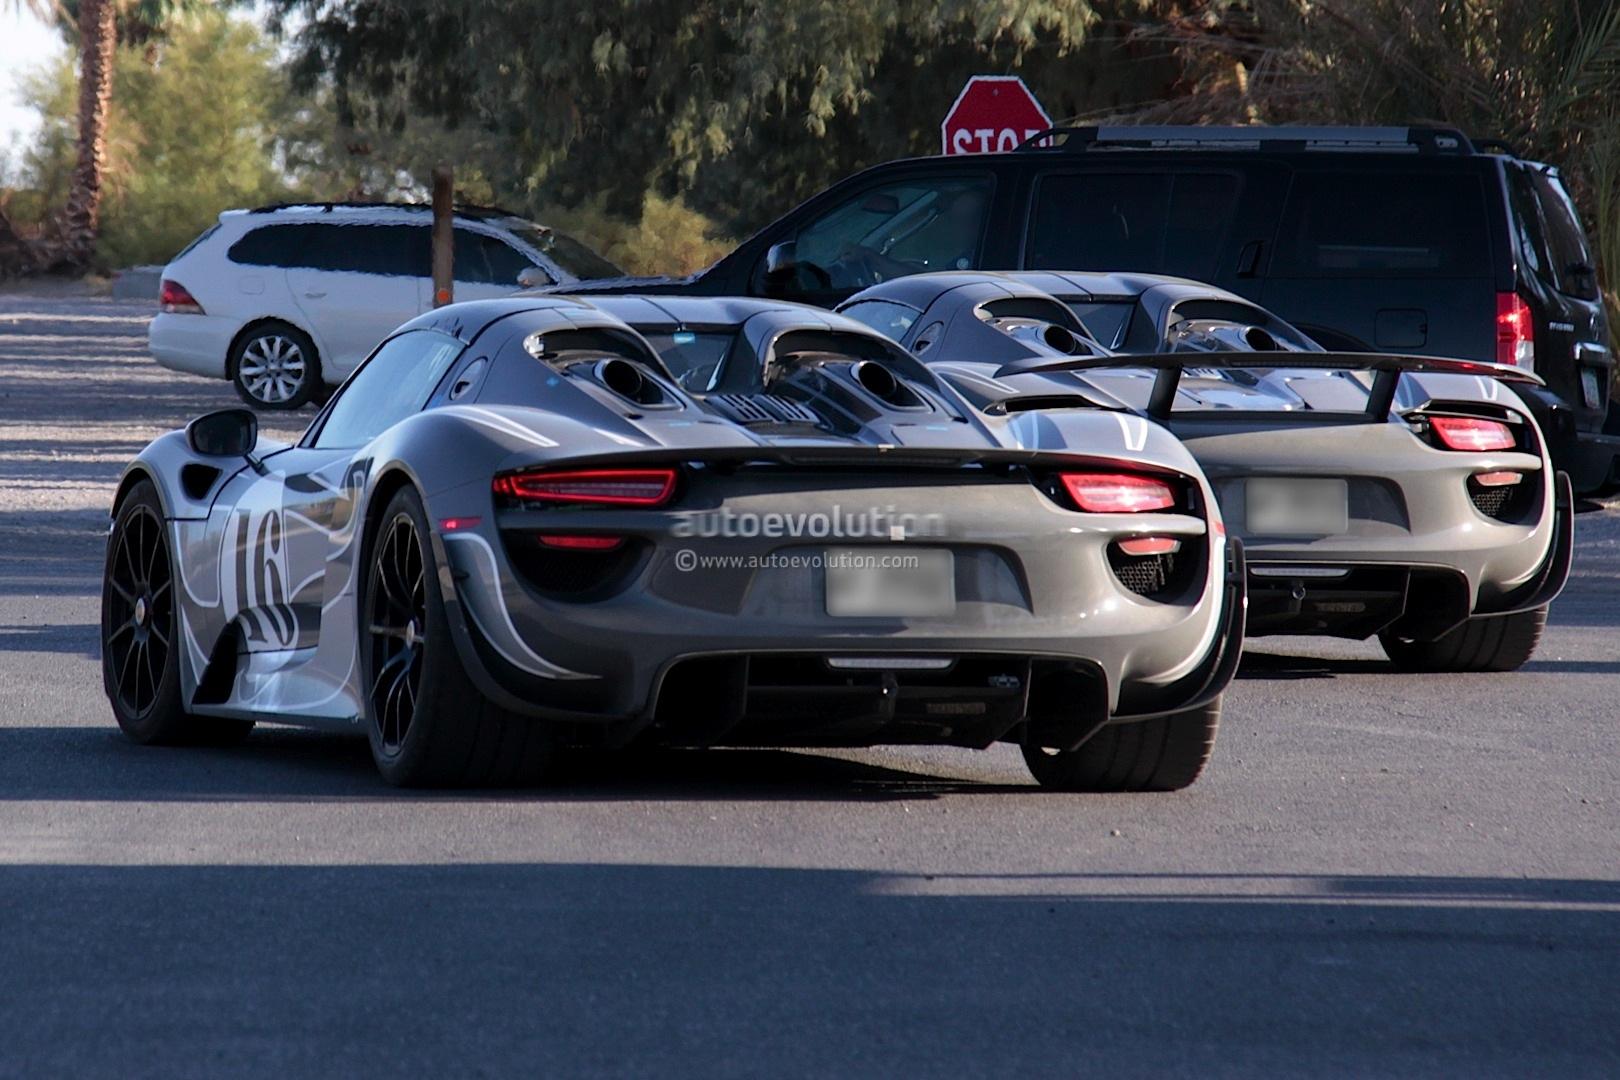 Spyshots Porsche 918 Spyder Spotted Testing In Us